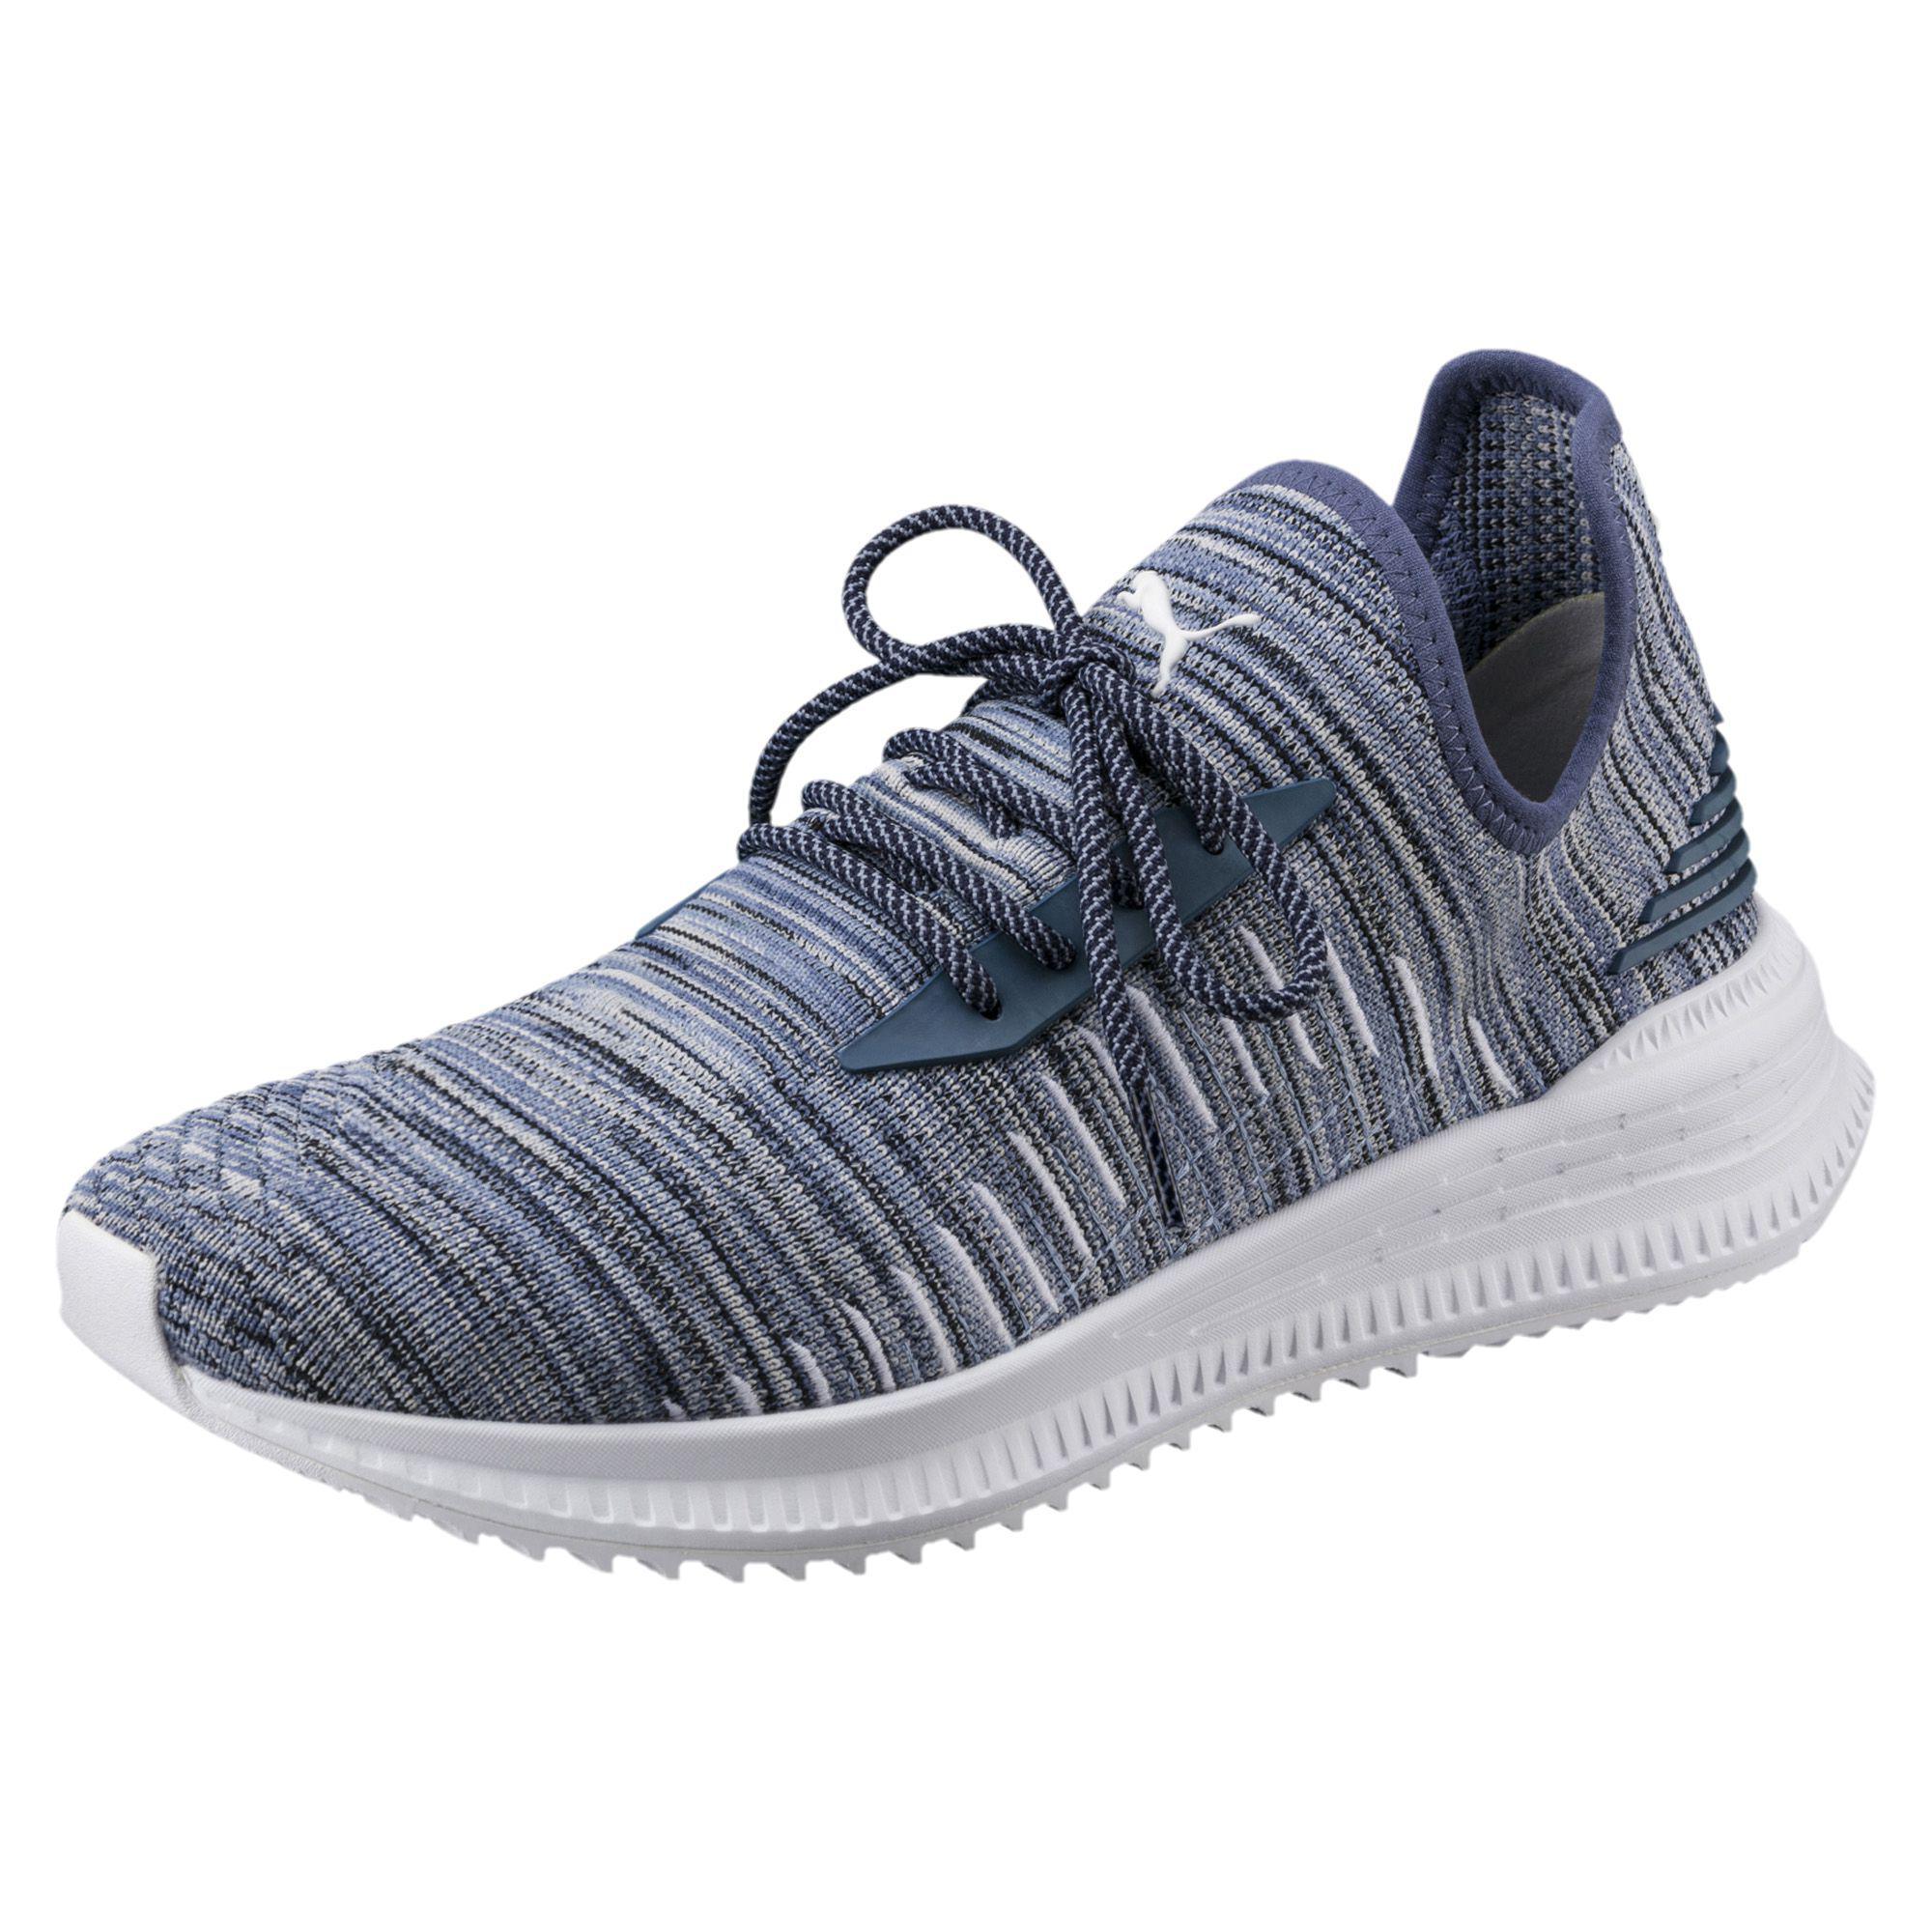 c1fdac96a559 Lyst - PUMA Avid Evoknit Summer Running Shoes in Blue